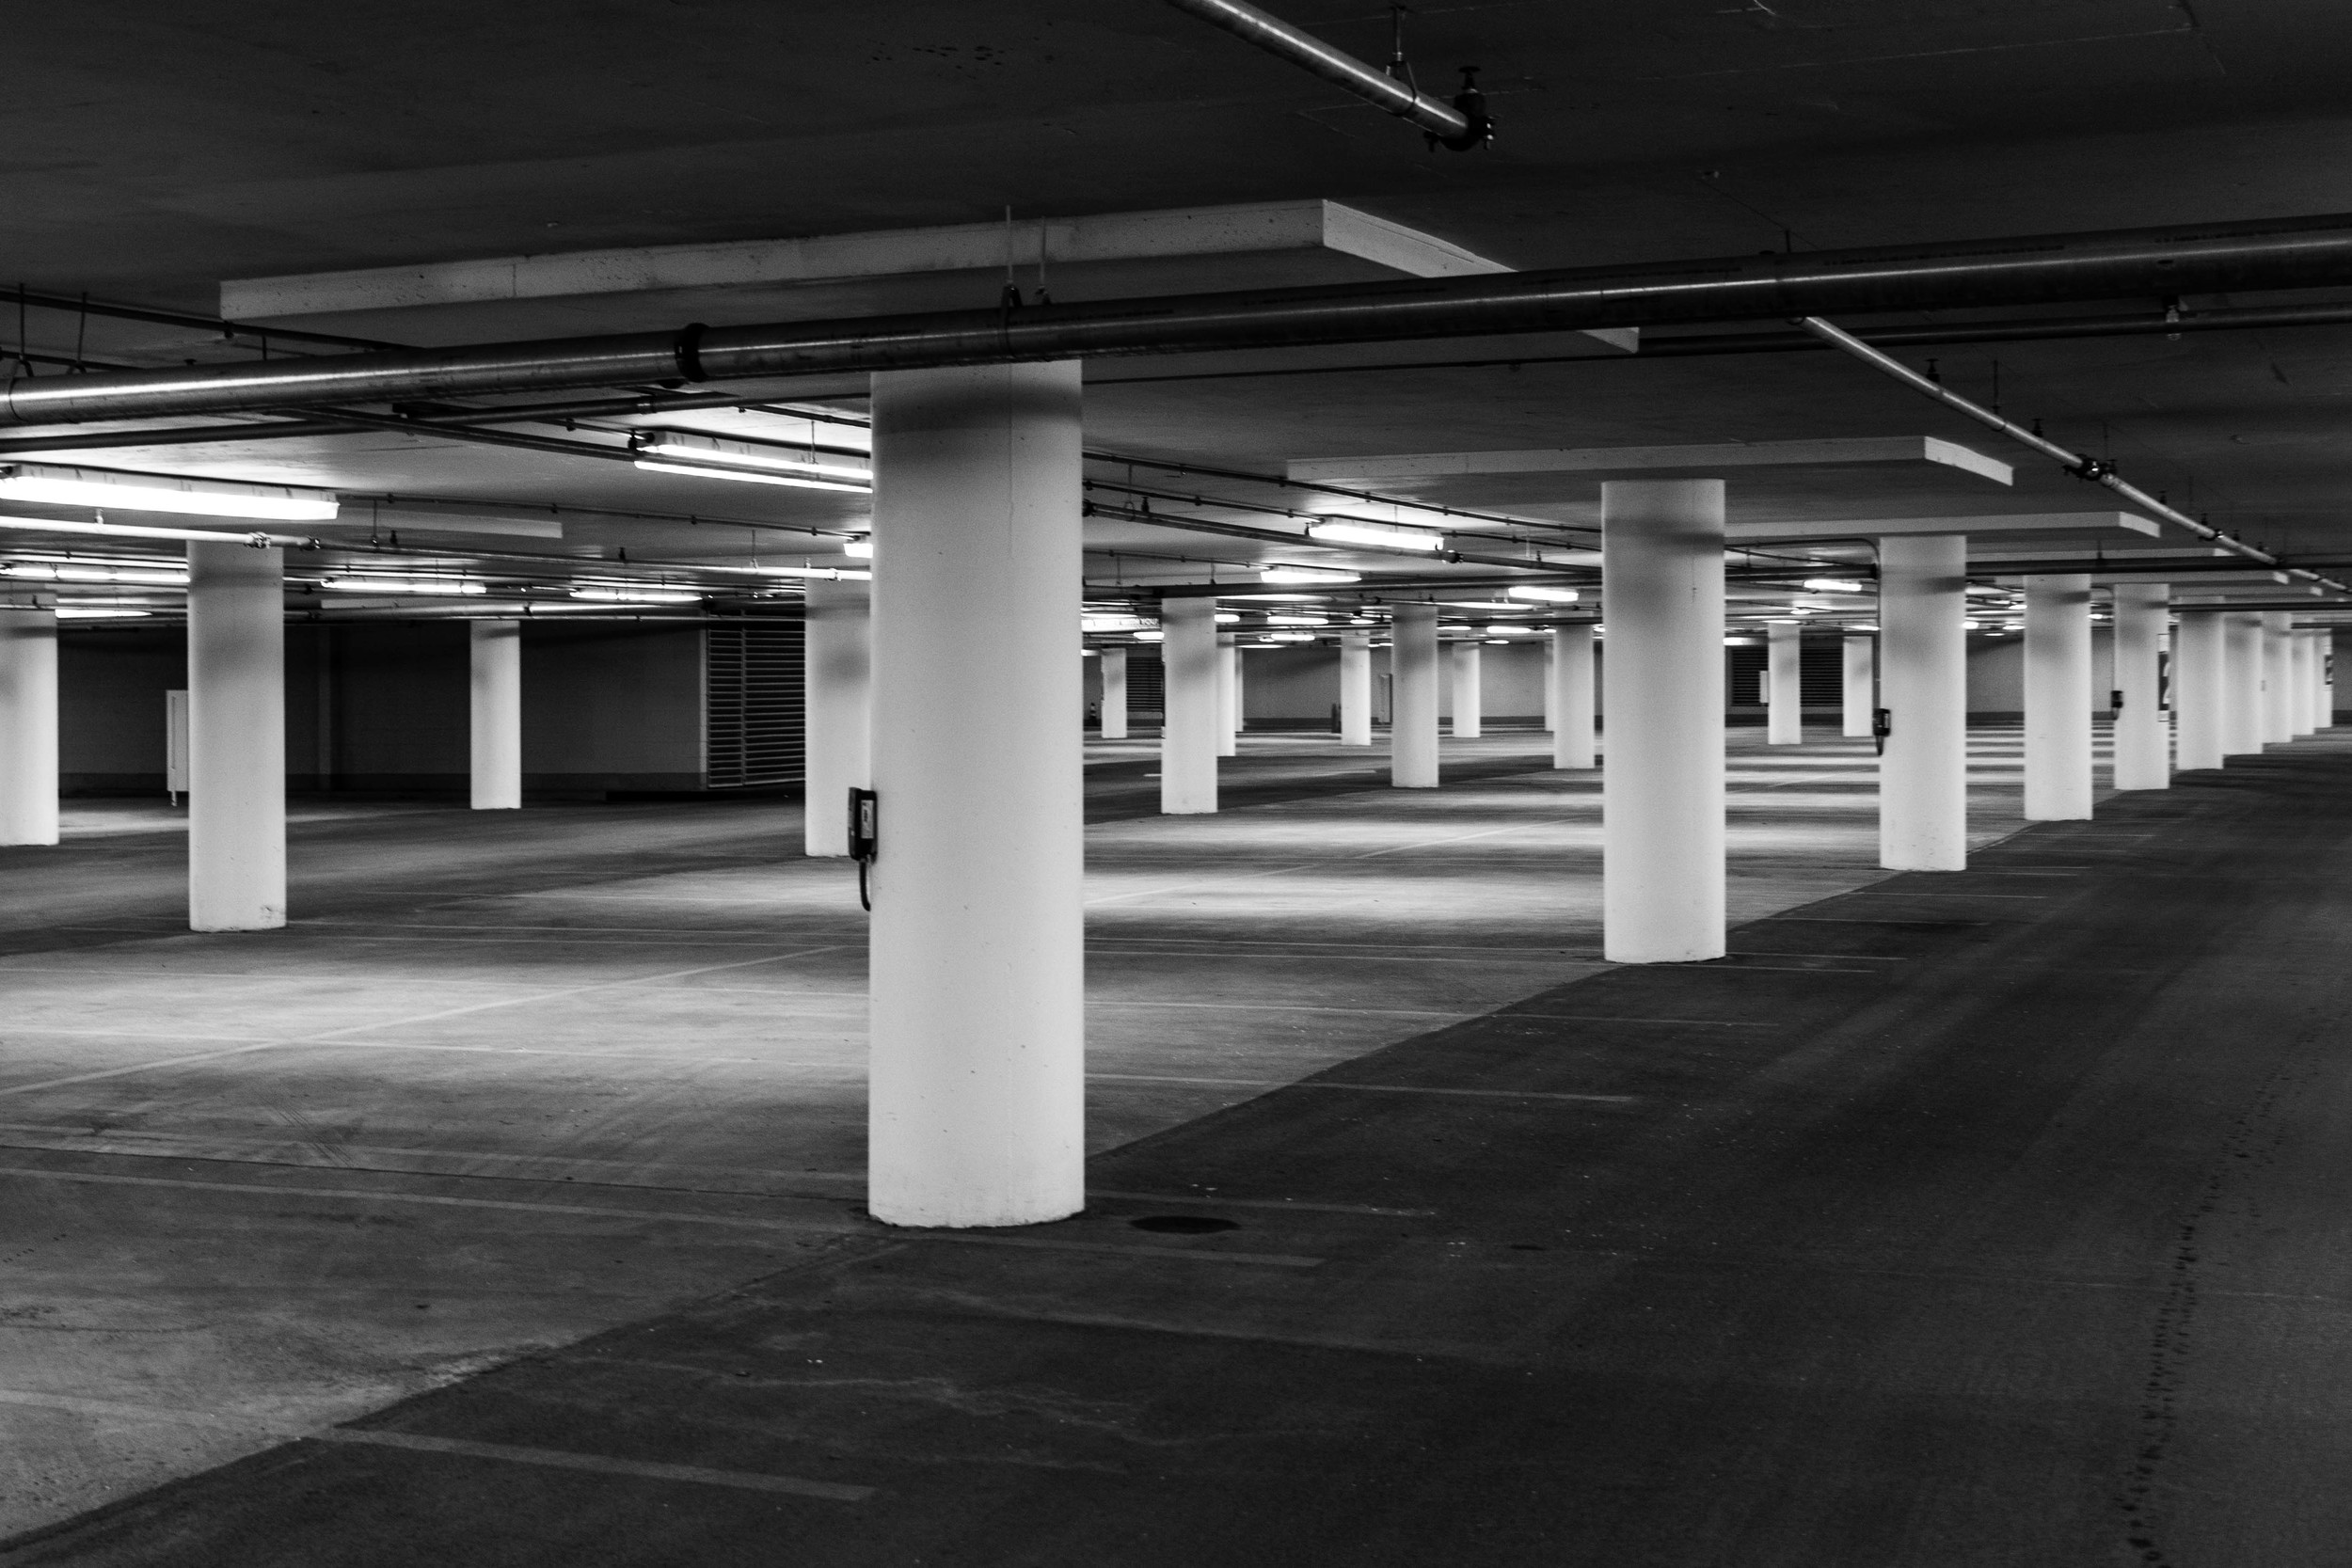 Millenium Park Parking Garage